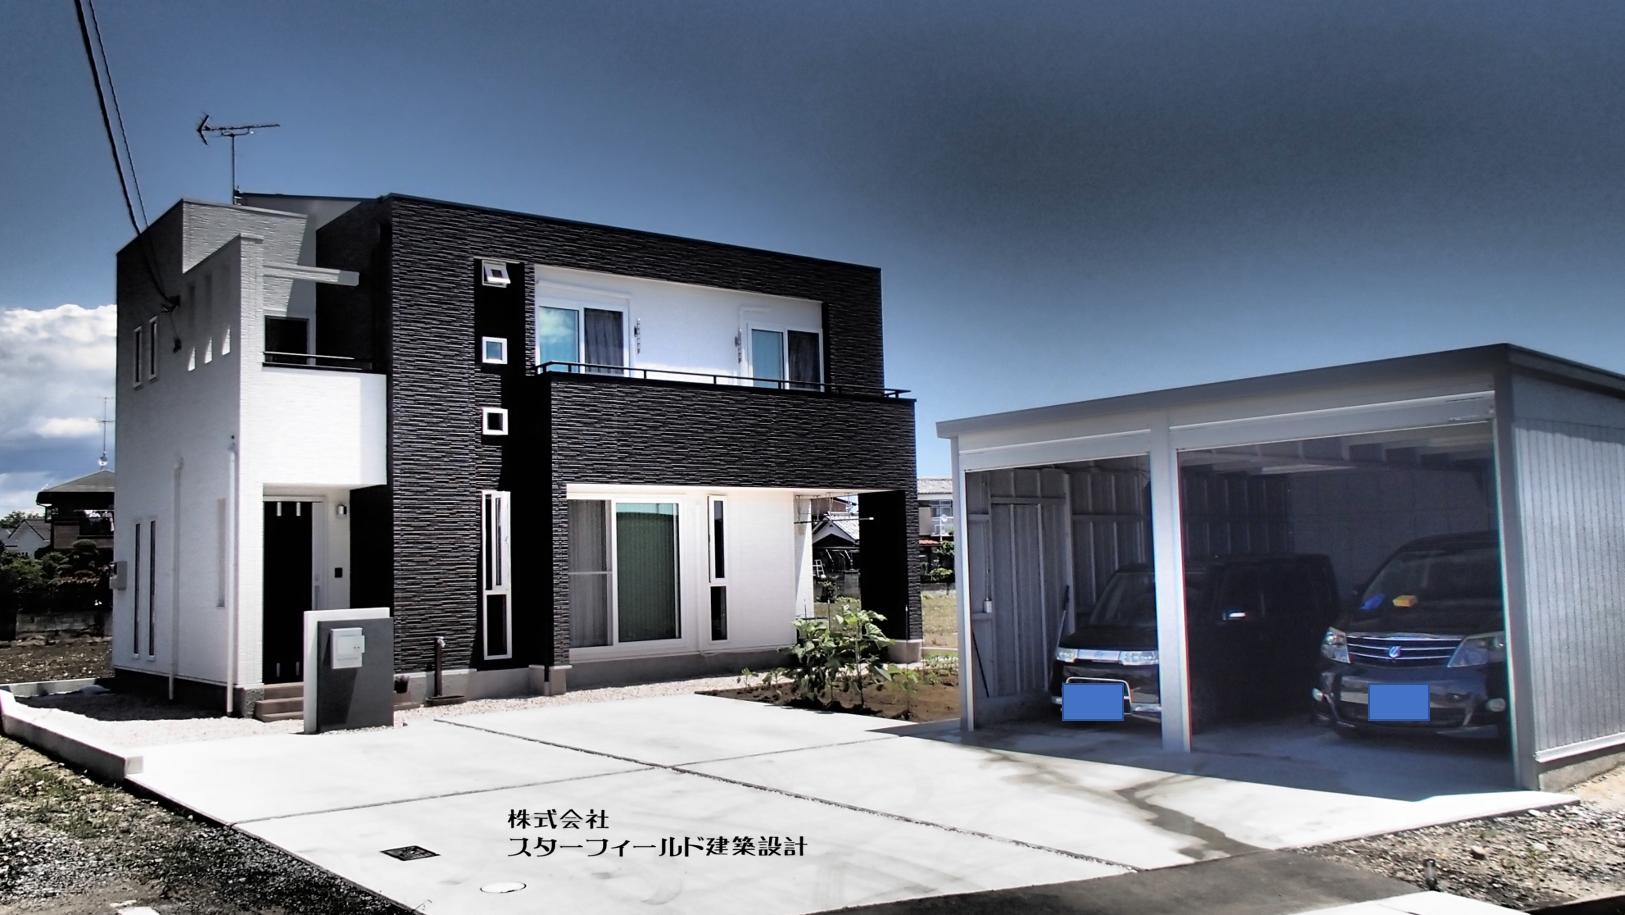 群馬県太田市 Commit House様邸 佐久市スターフィールド建築設計